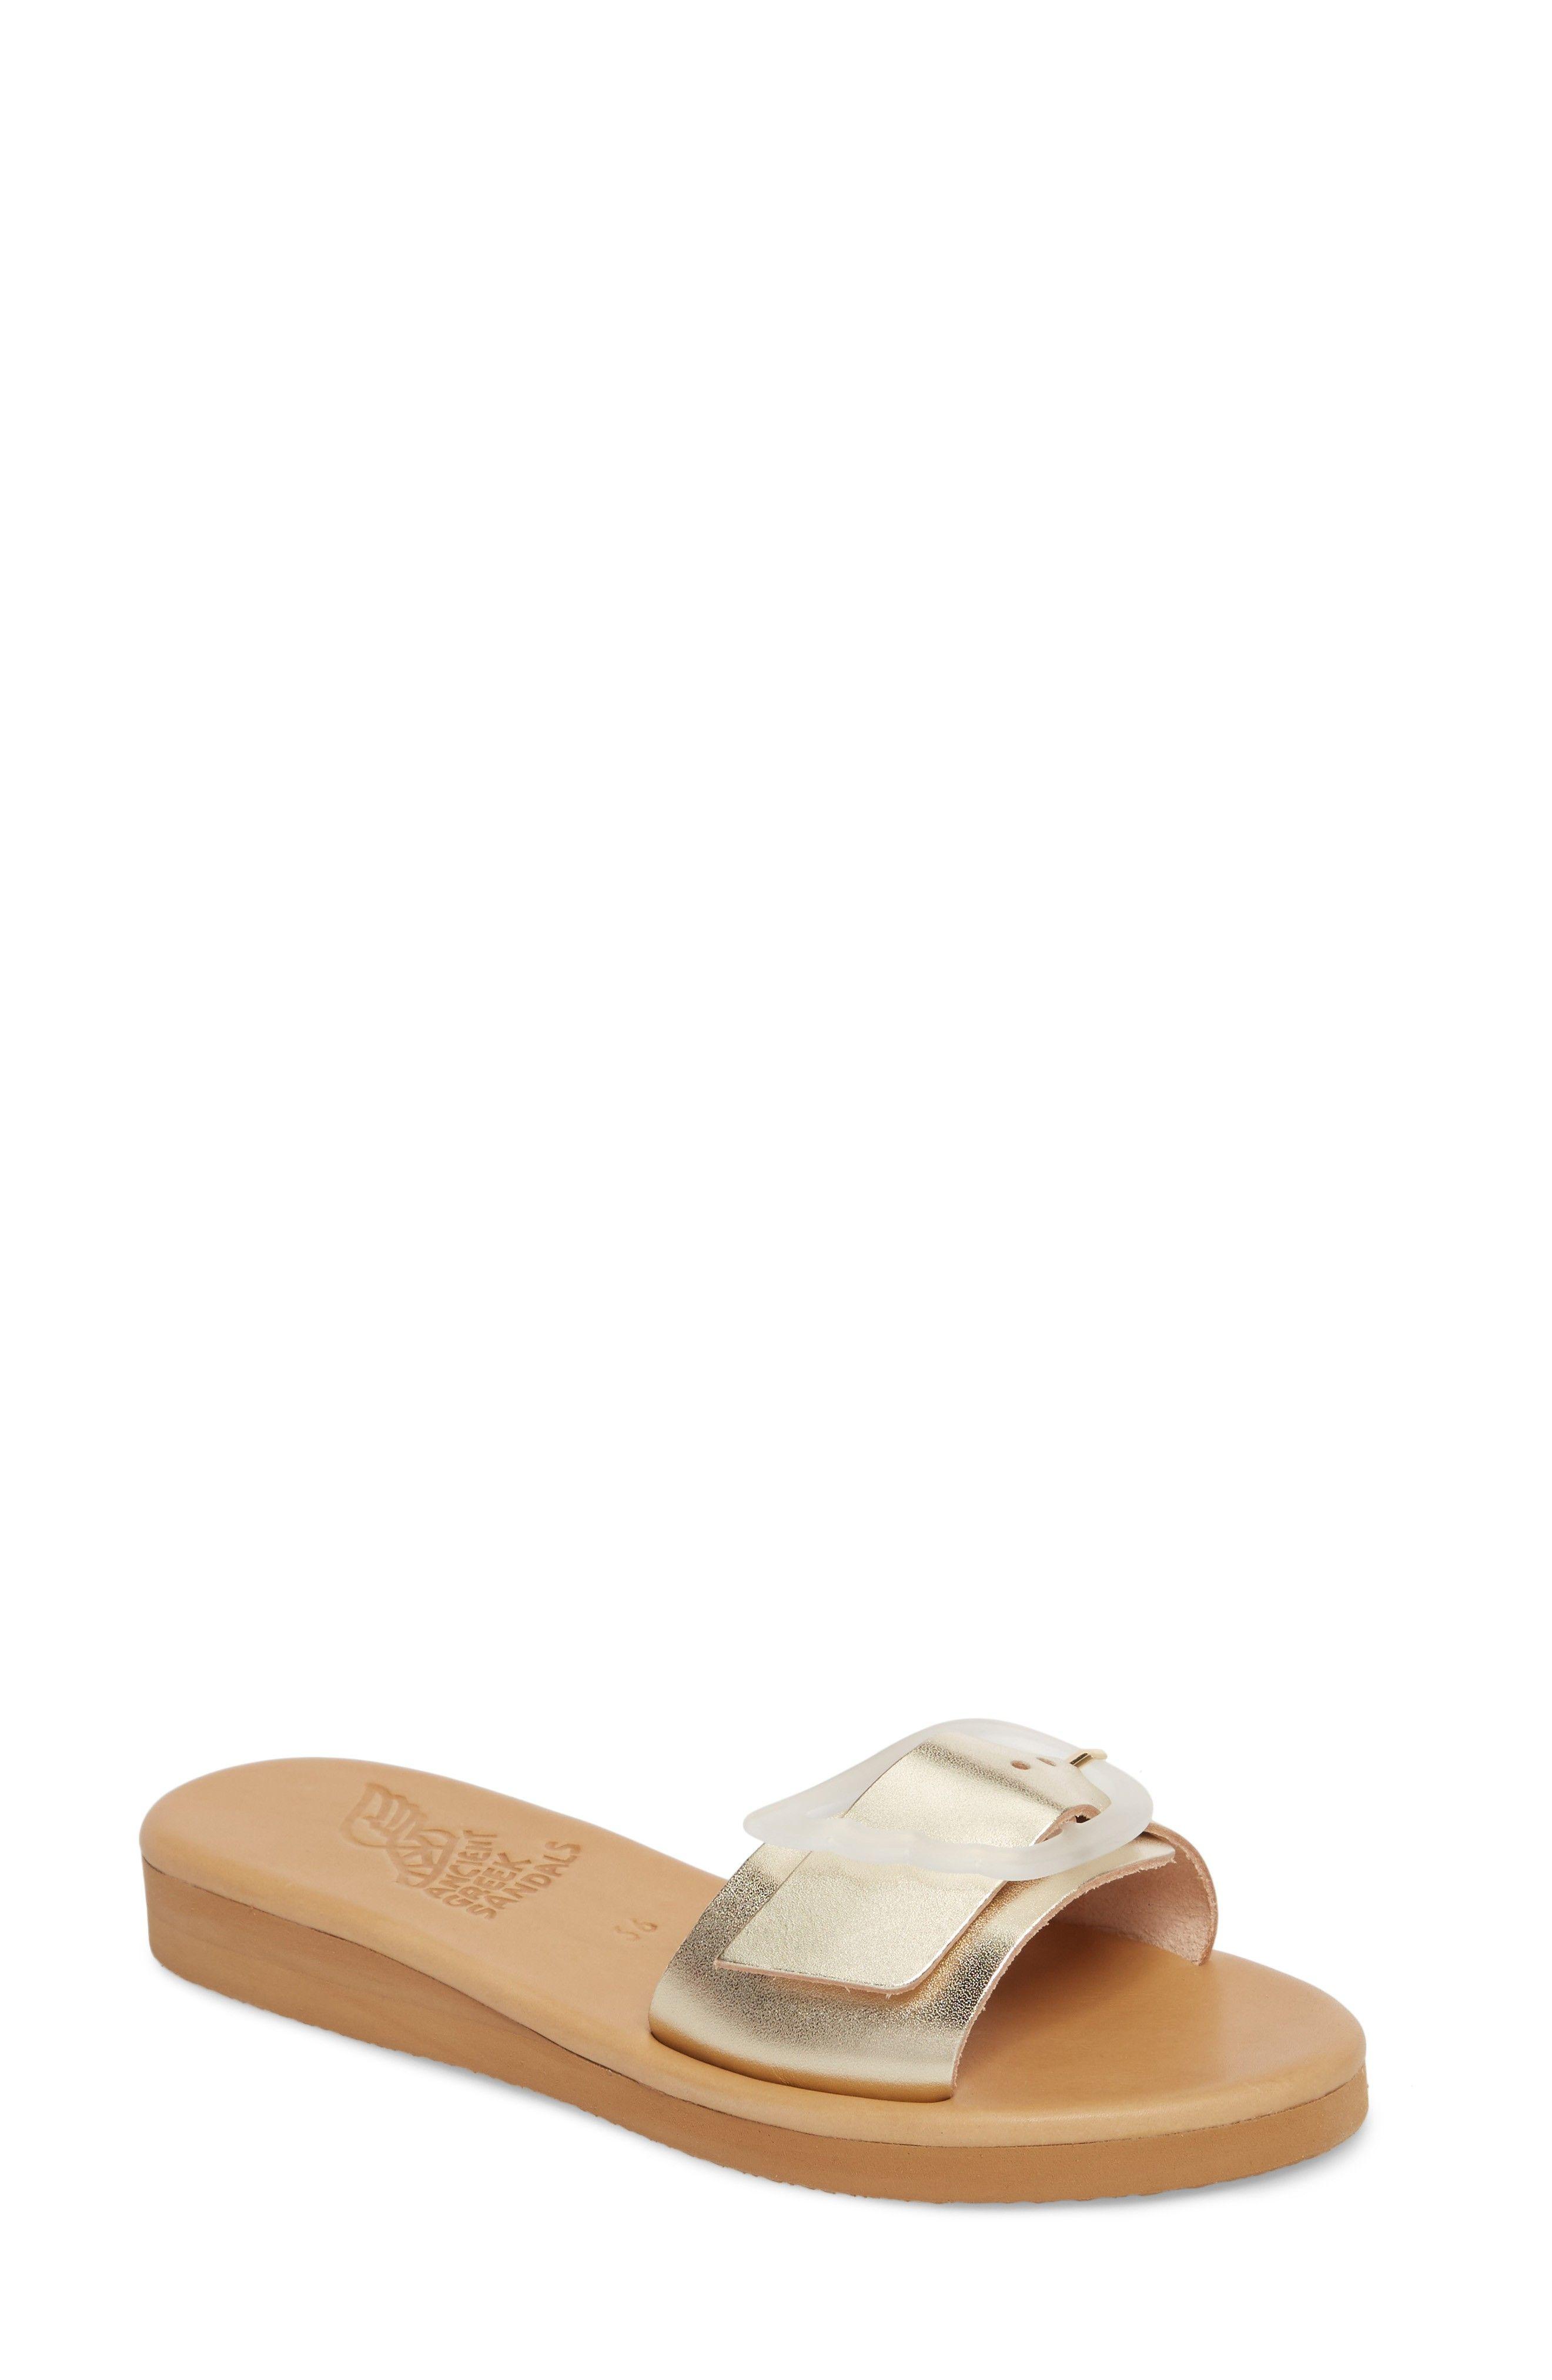 Ancient Greek Sandals Aglaia Sandal F6LR5iXsfw